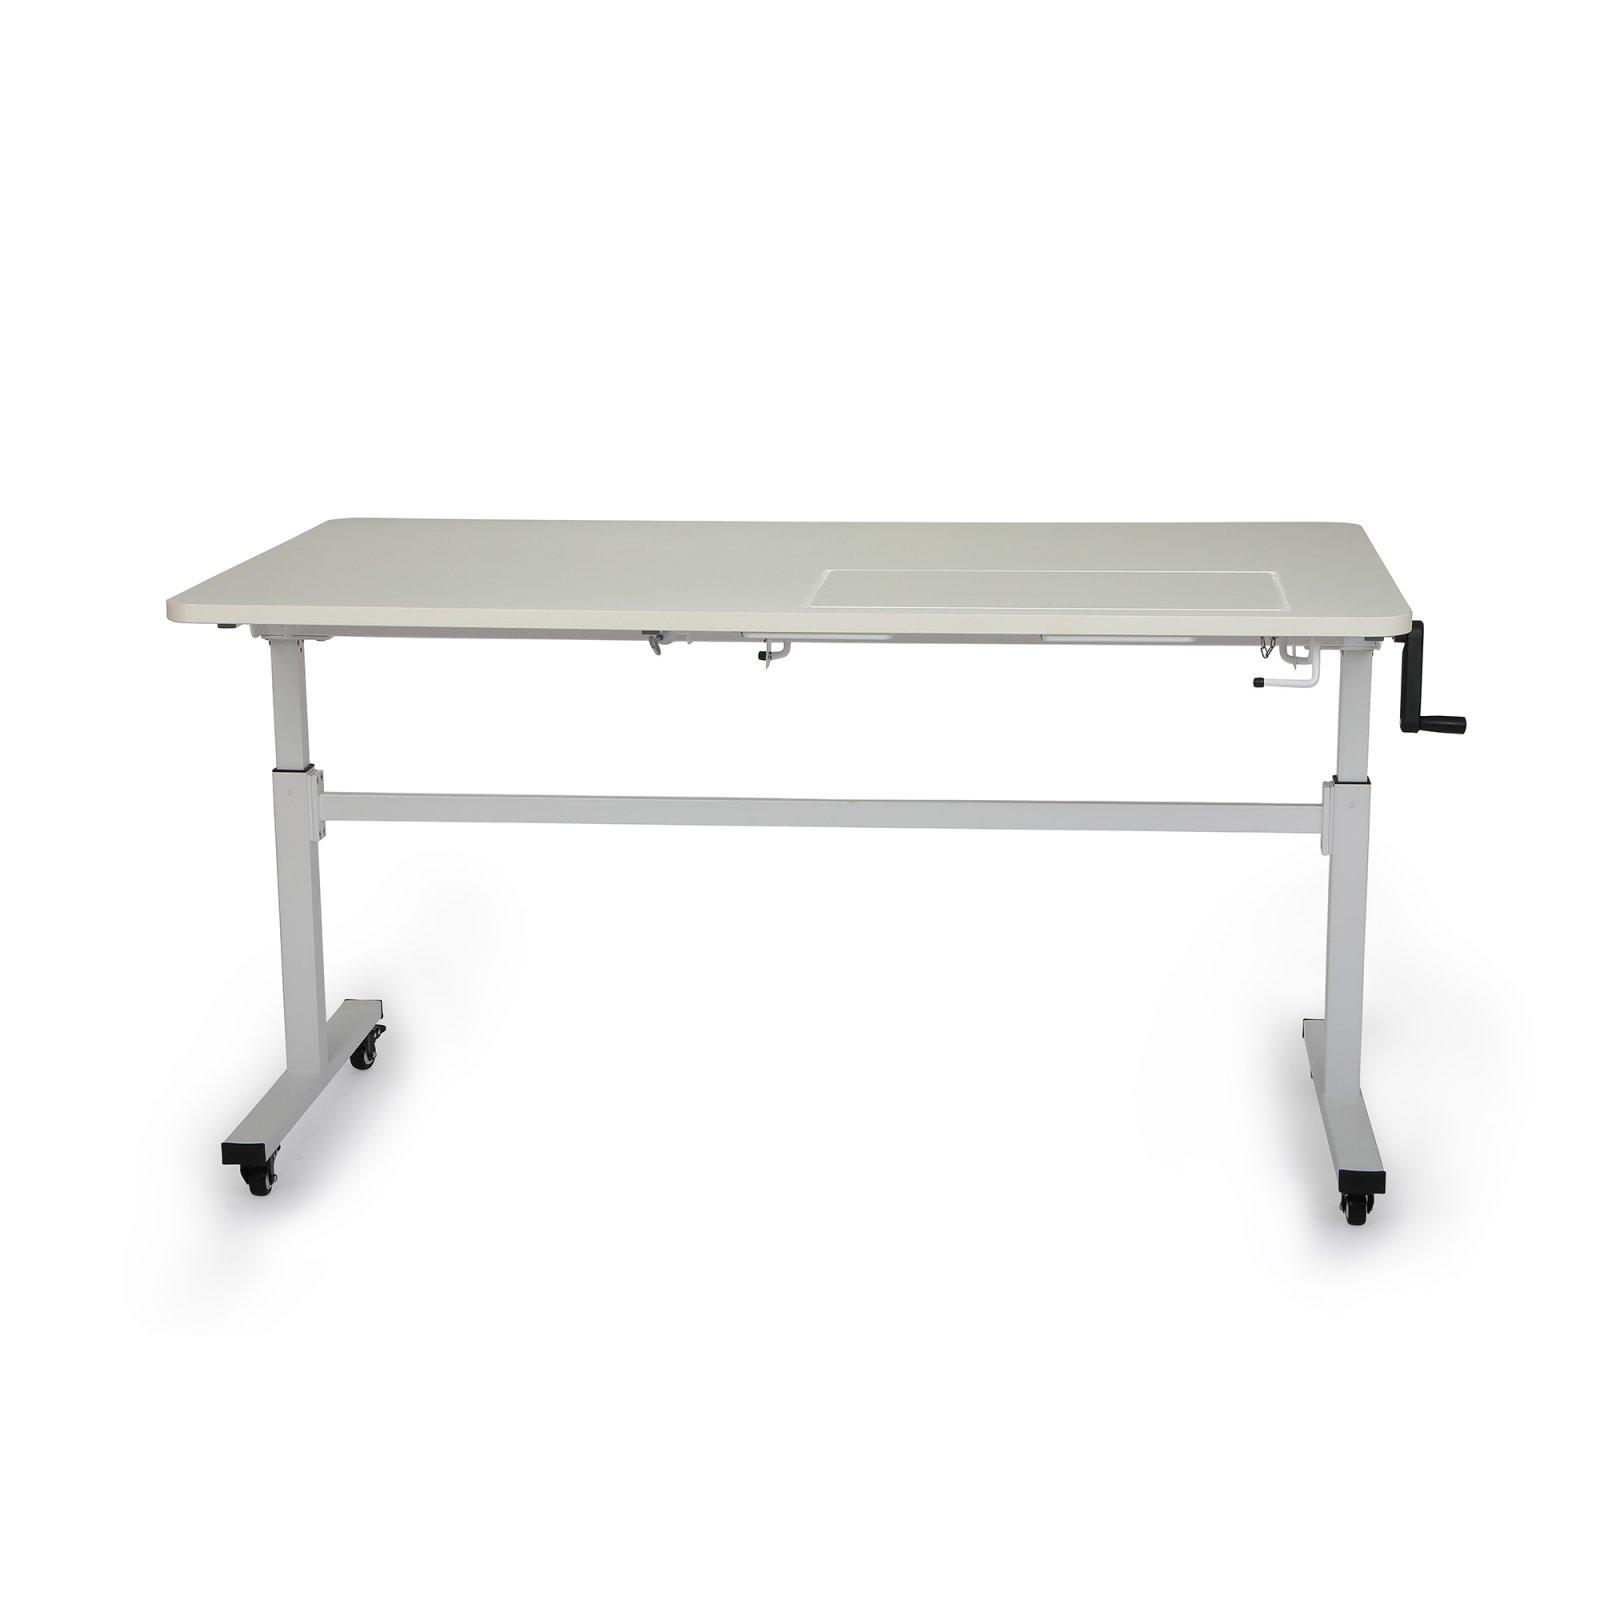 Tasmanian II Height Adjustable Table